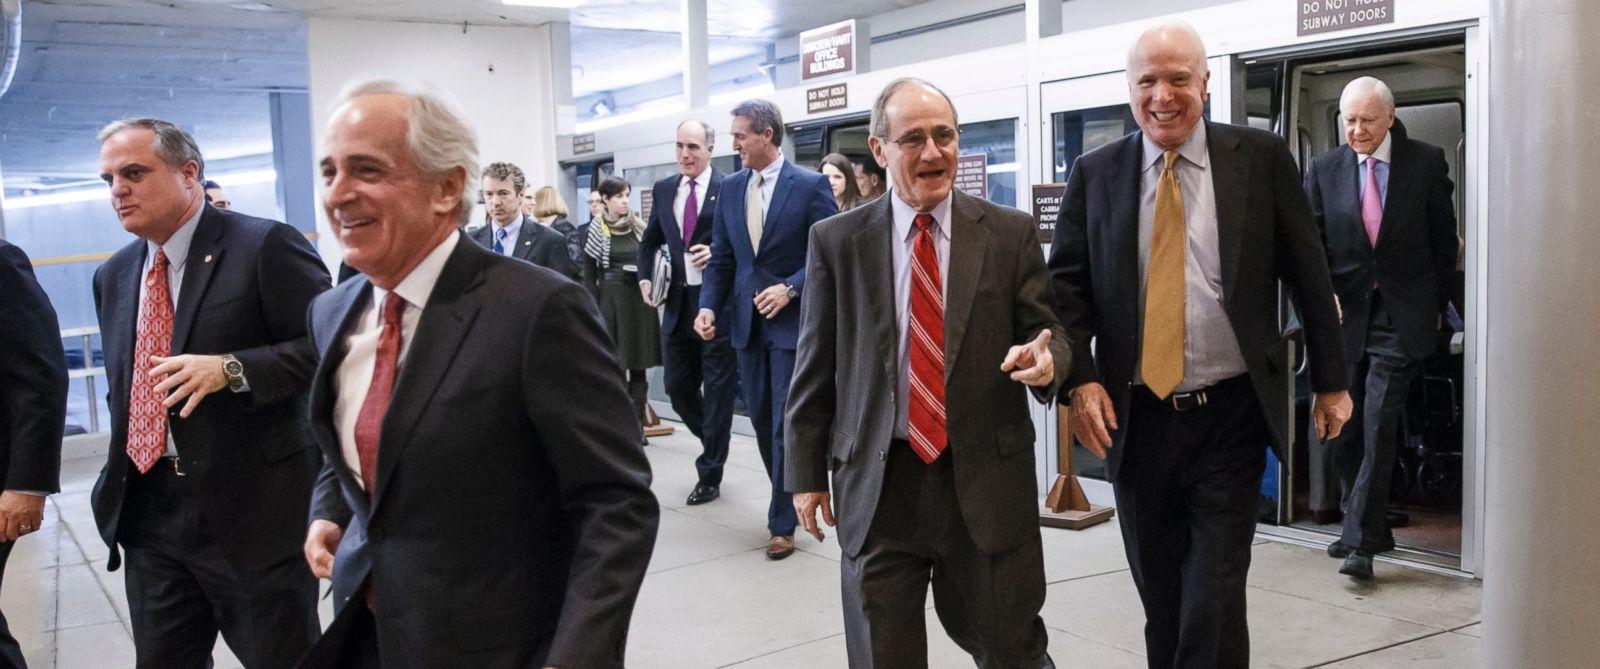 PHOTO: Senators rush to the floor for a procedural vote to advance the $585 billion defense bill at the Capitol in Washington, Dec. 11, 2014.